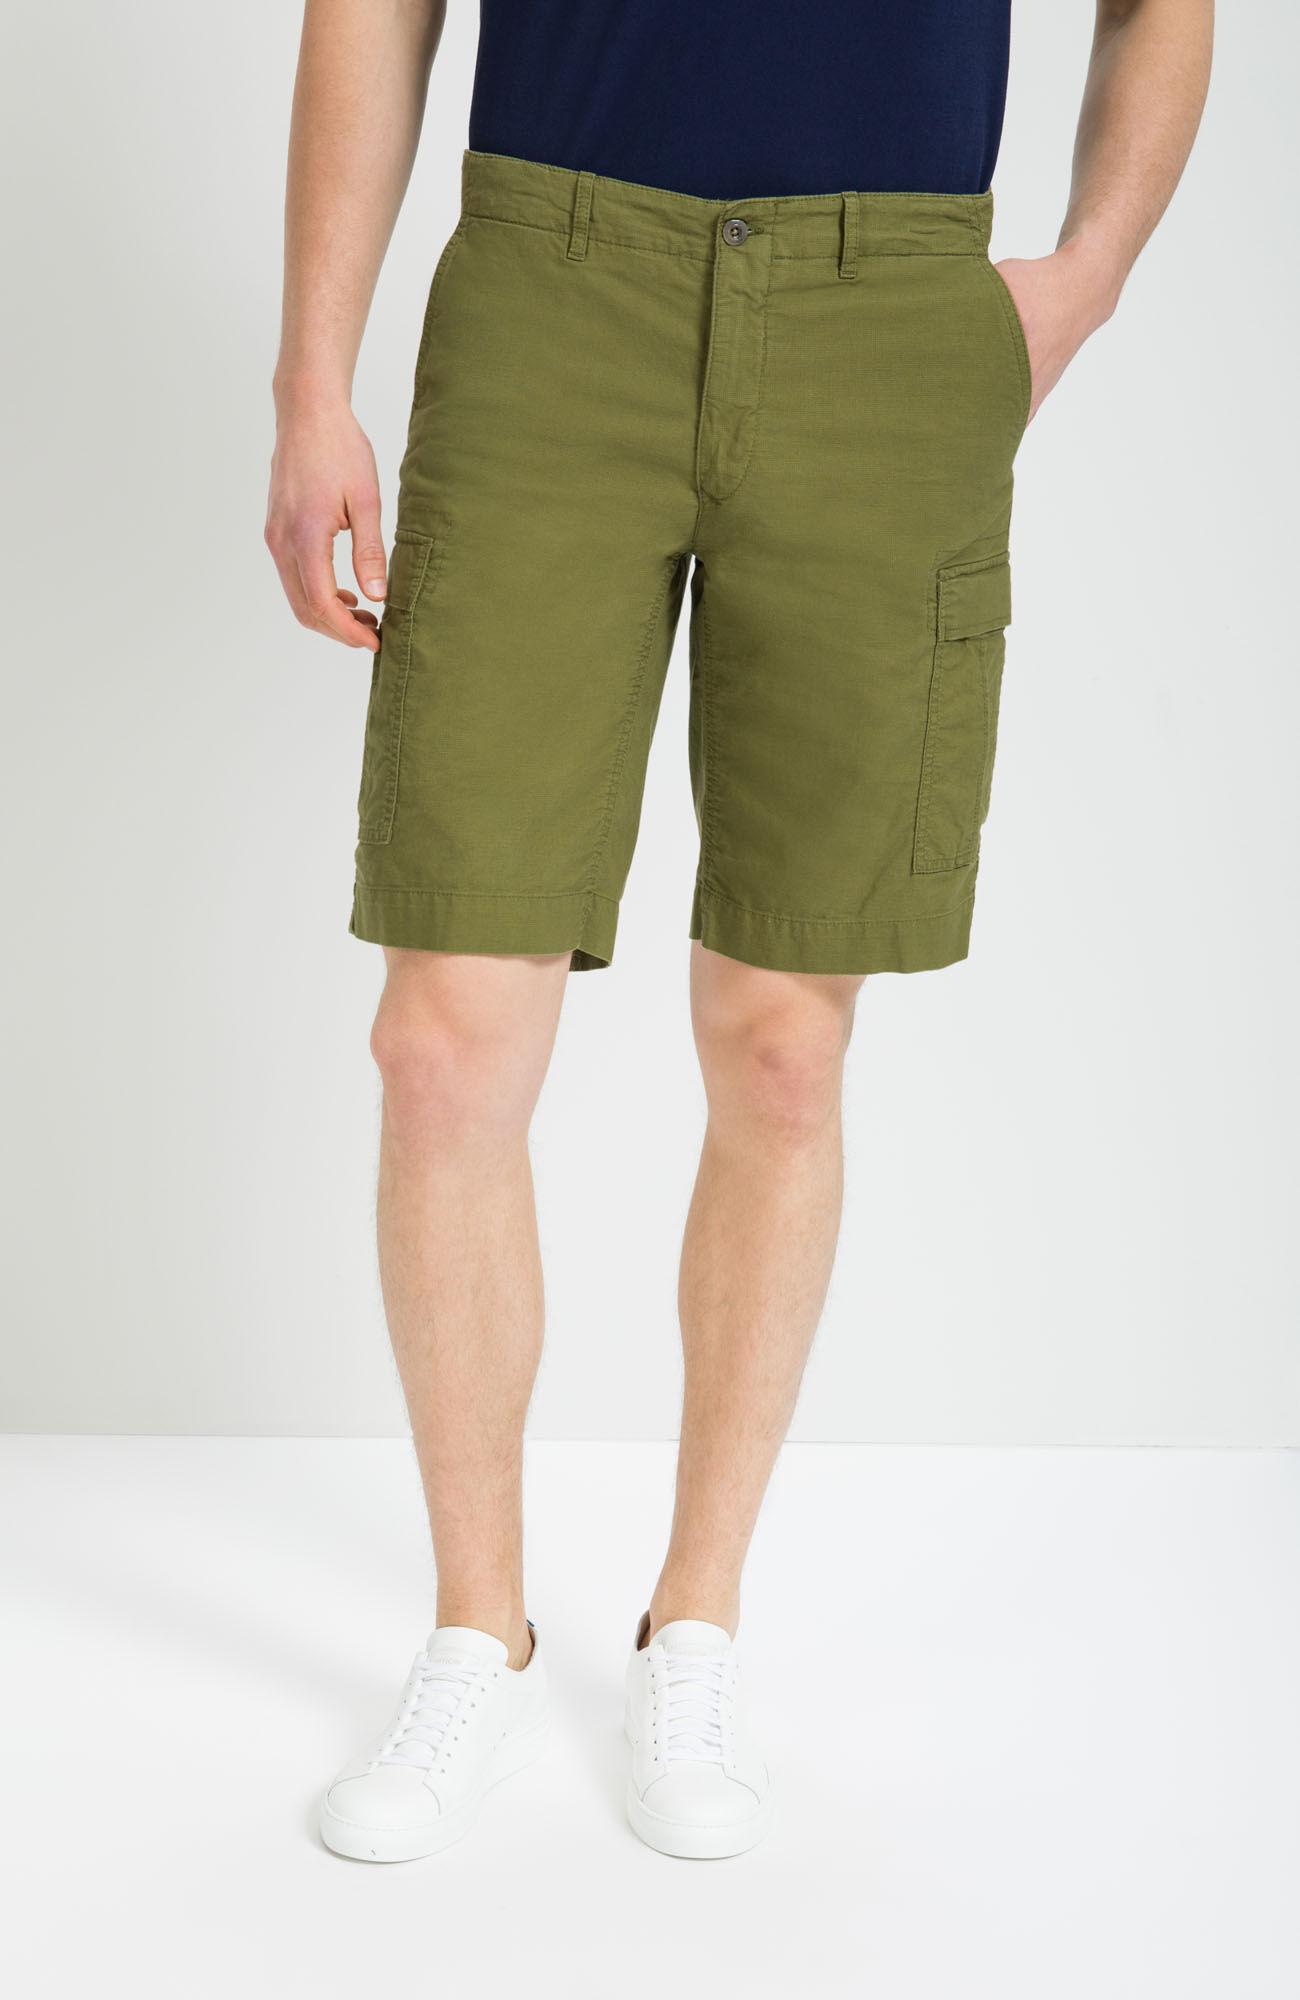 Fit Cargo Green Shorts Regular Bermuda Ybfy76g